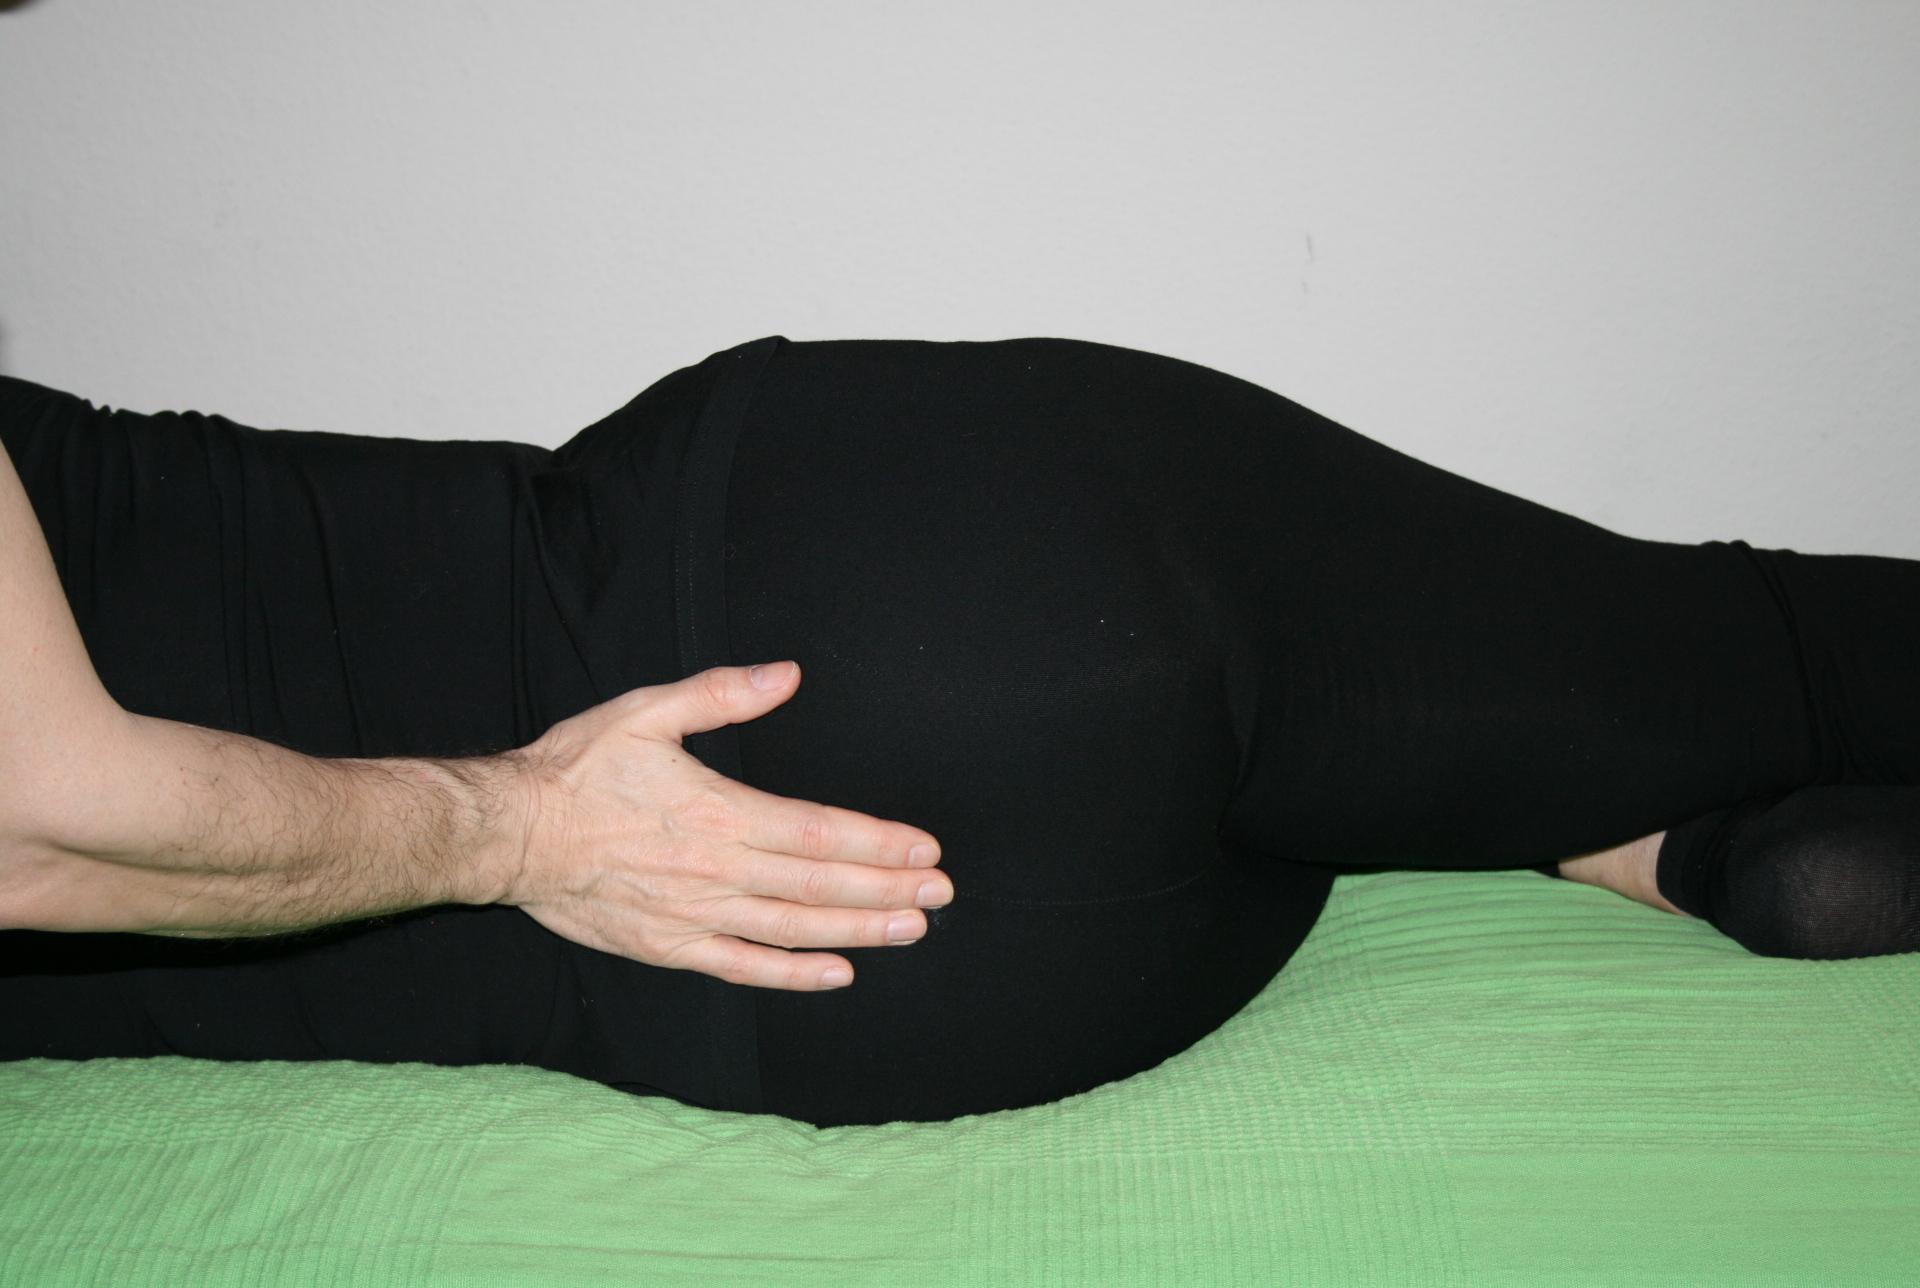 Billedet viser en en klient, der får behandling mod smerter i halebenet.